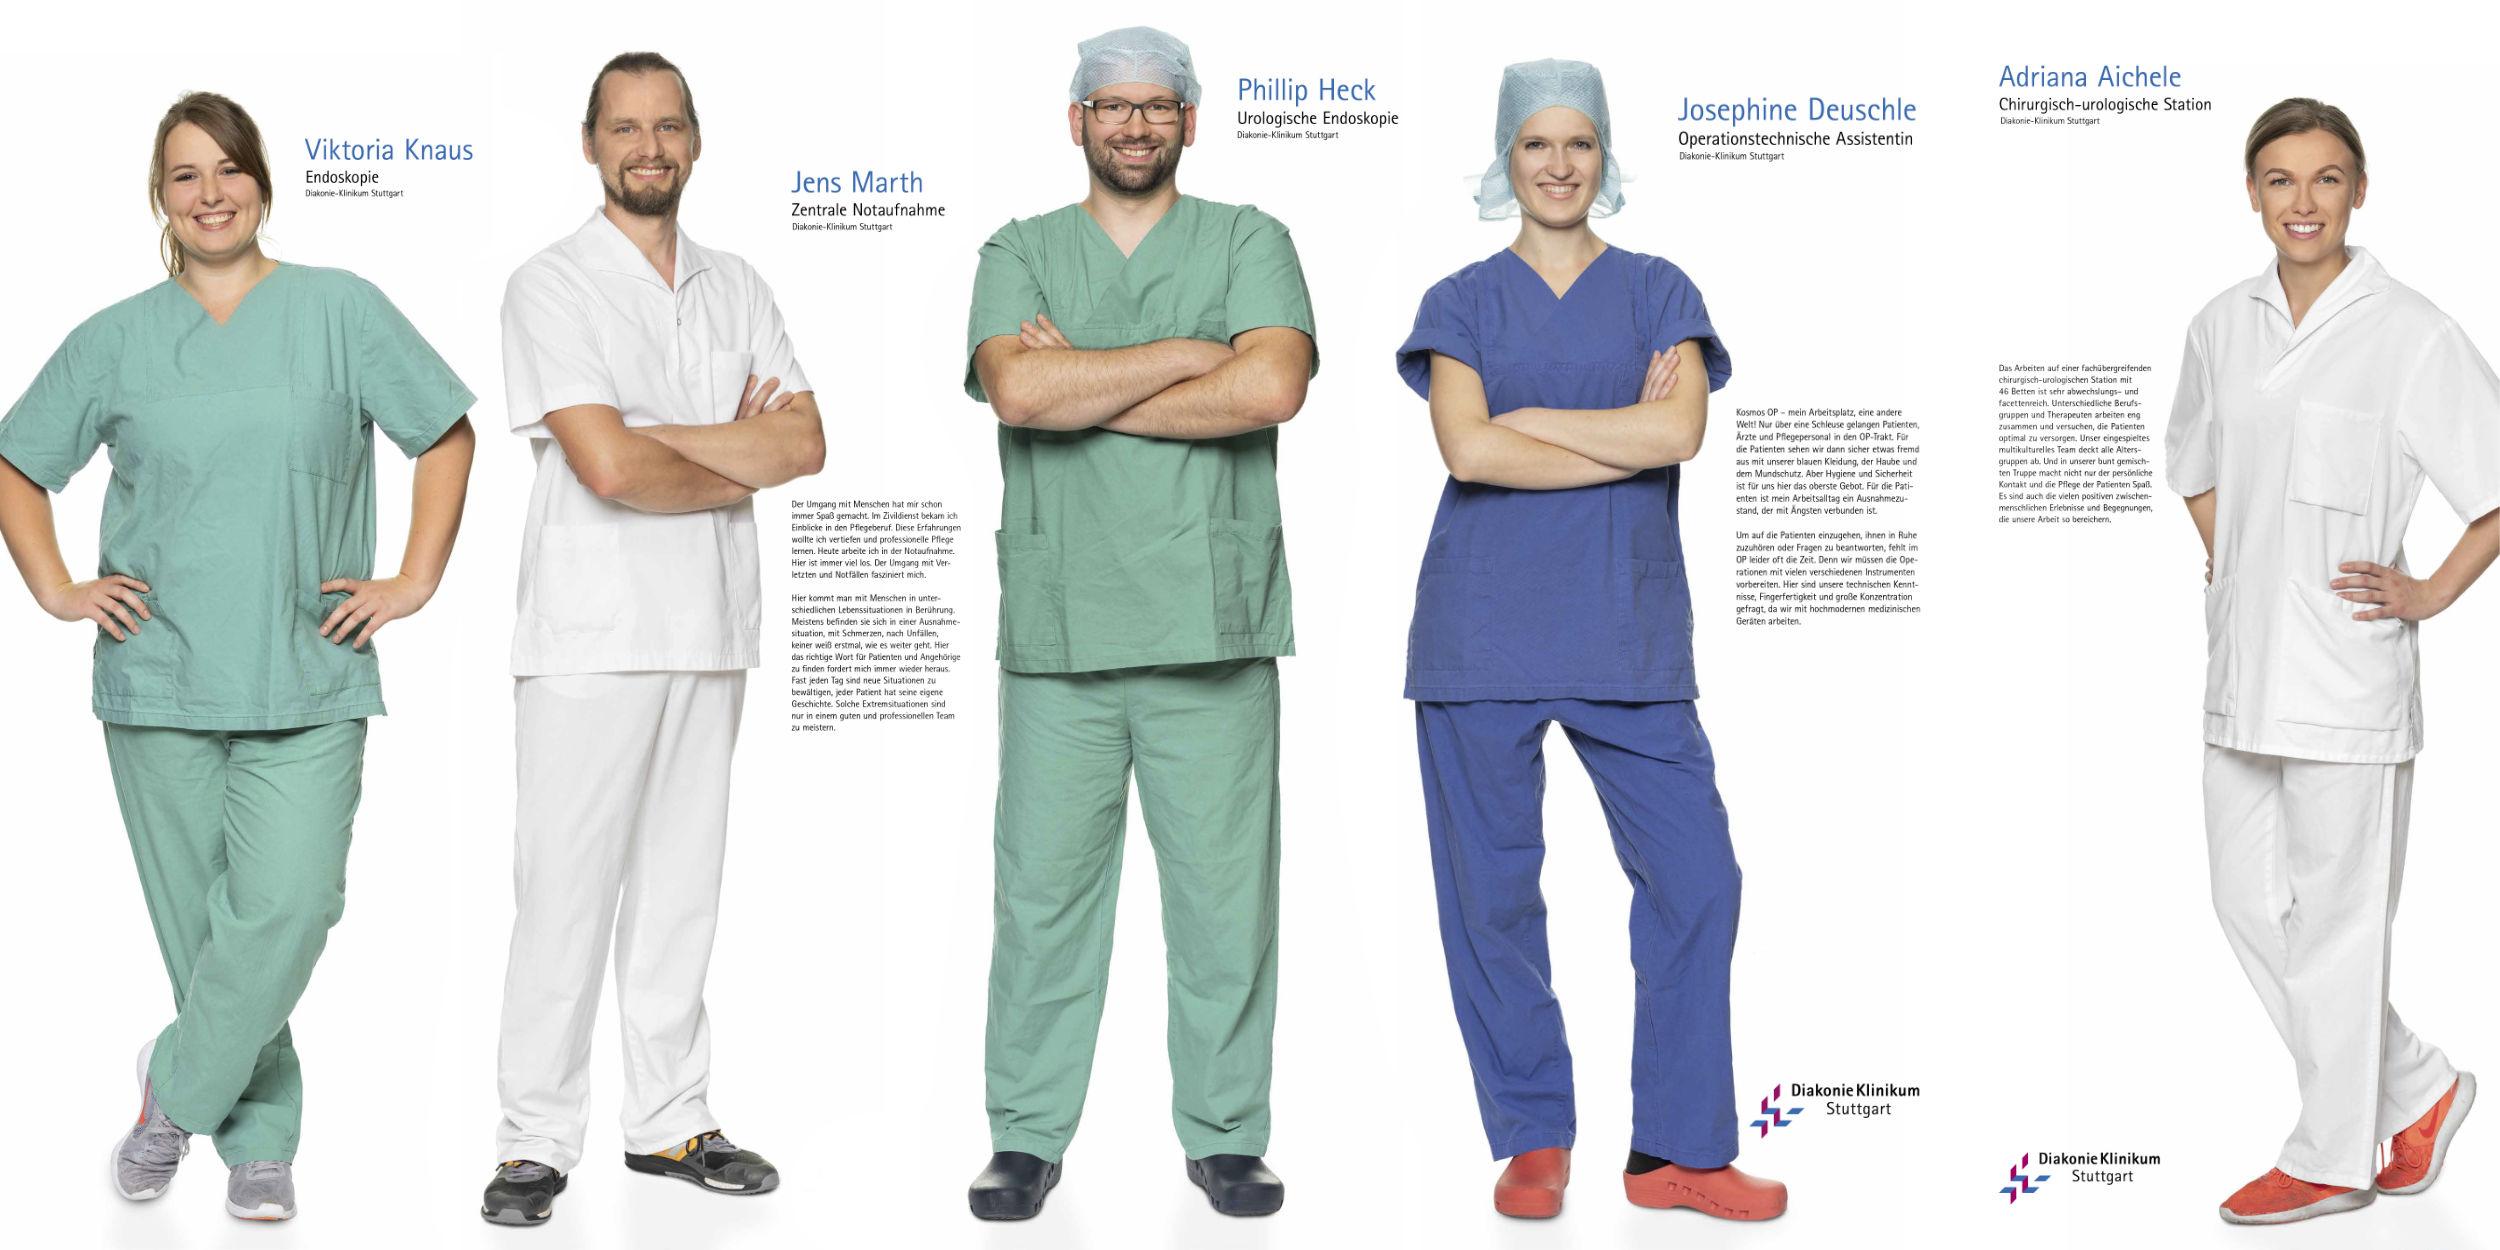 Kampagnen Fotografie Stuttgart und Umgebung Diakonie-Klinikum Stuttgart Mitarbeiter Pfleger Endoskopie Zentrale Notaufnahme Urologische Endoskopie Operationstechnische Assistentin Chirurgisch-Urologische Assistentin